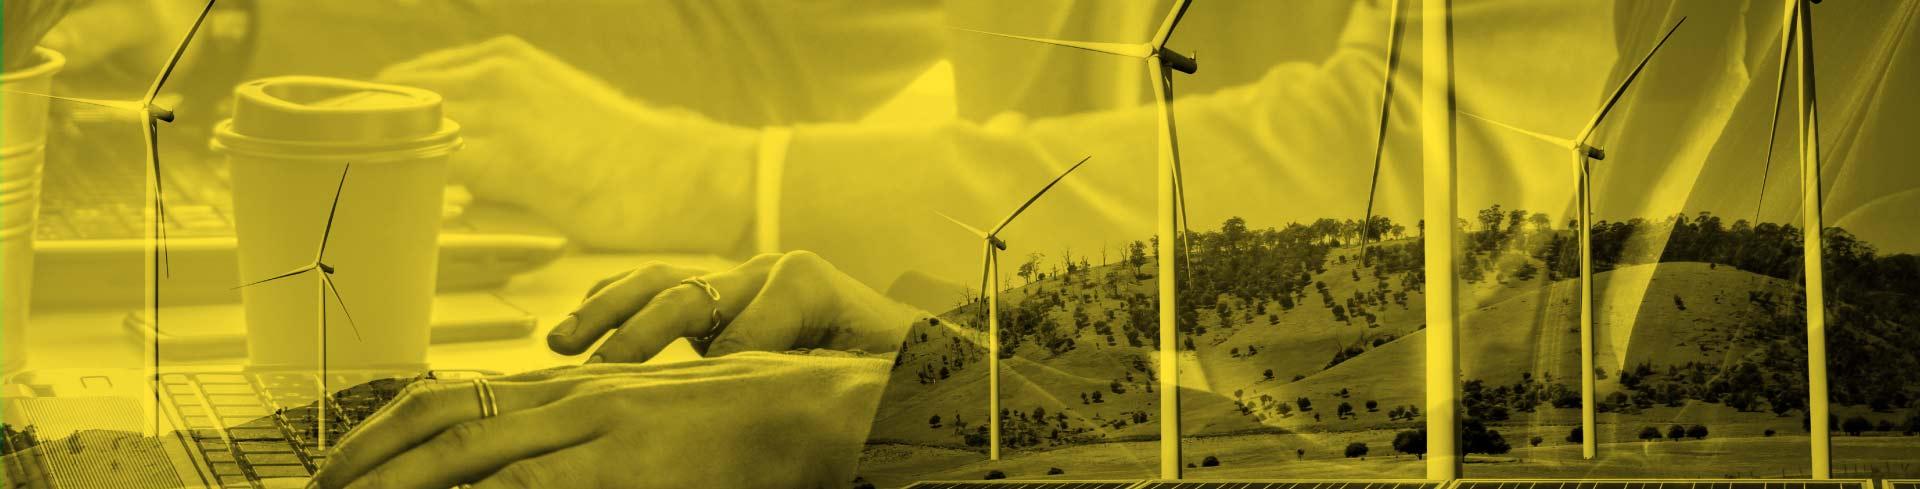 Energía y sostenibilidad empresarial para líderes